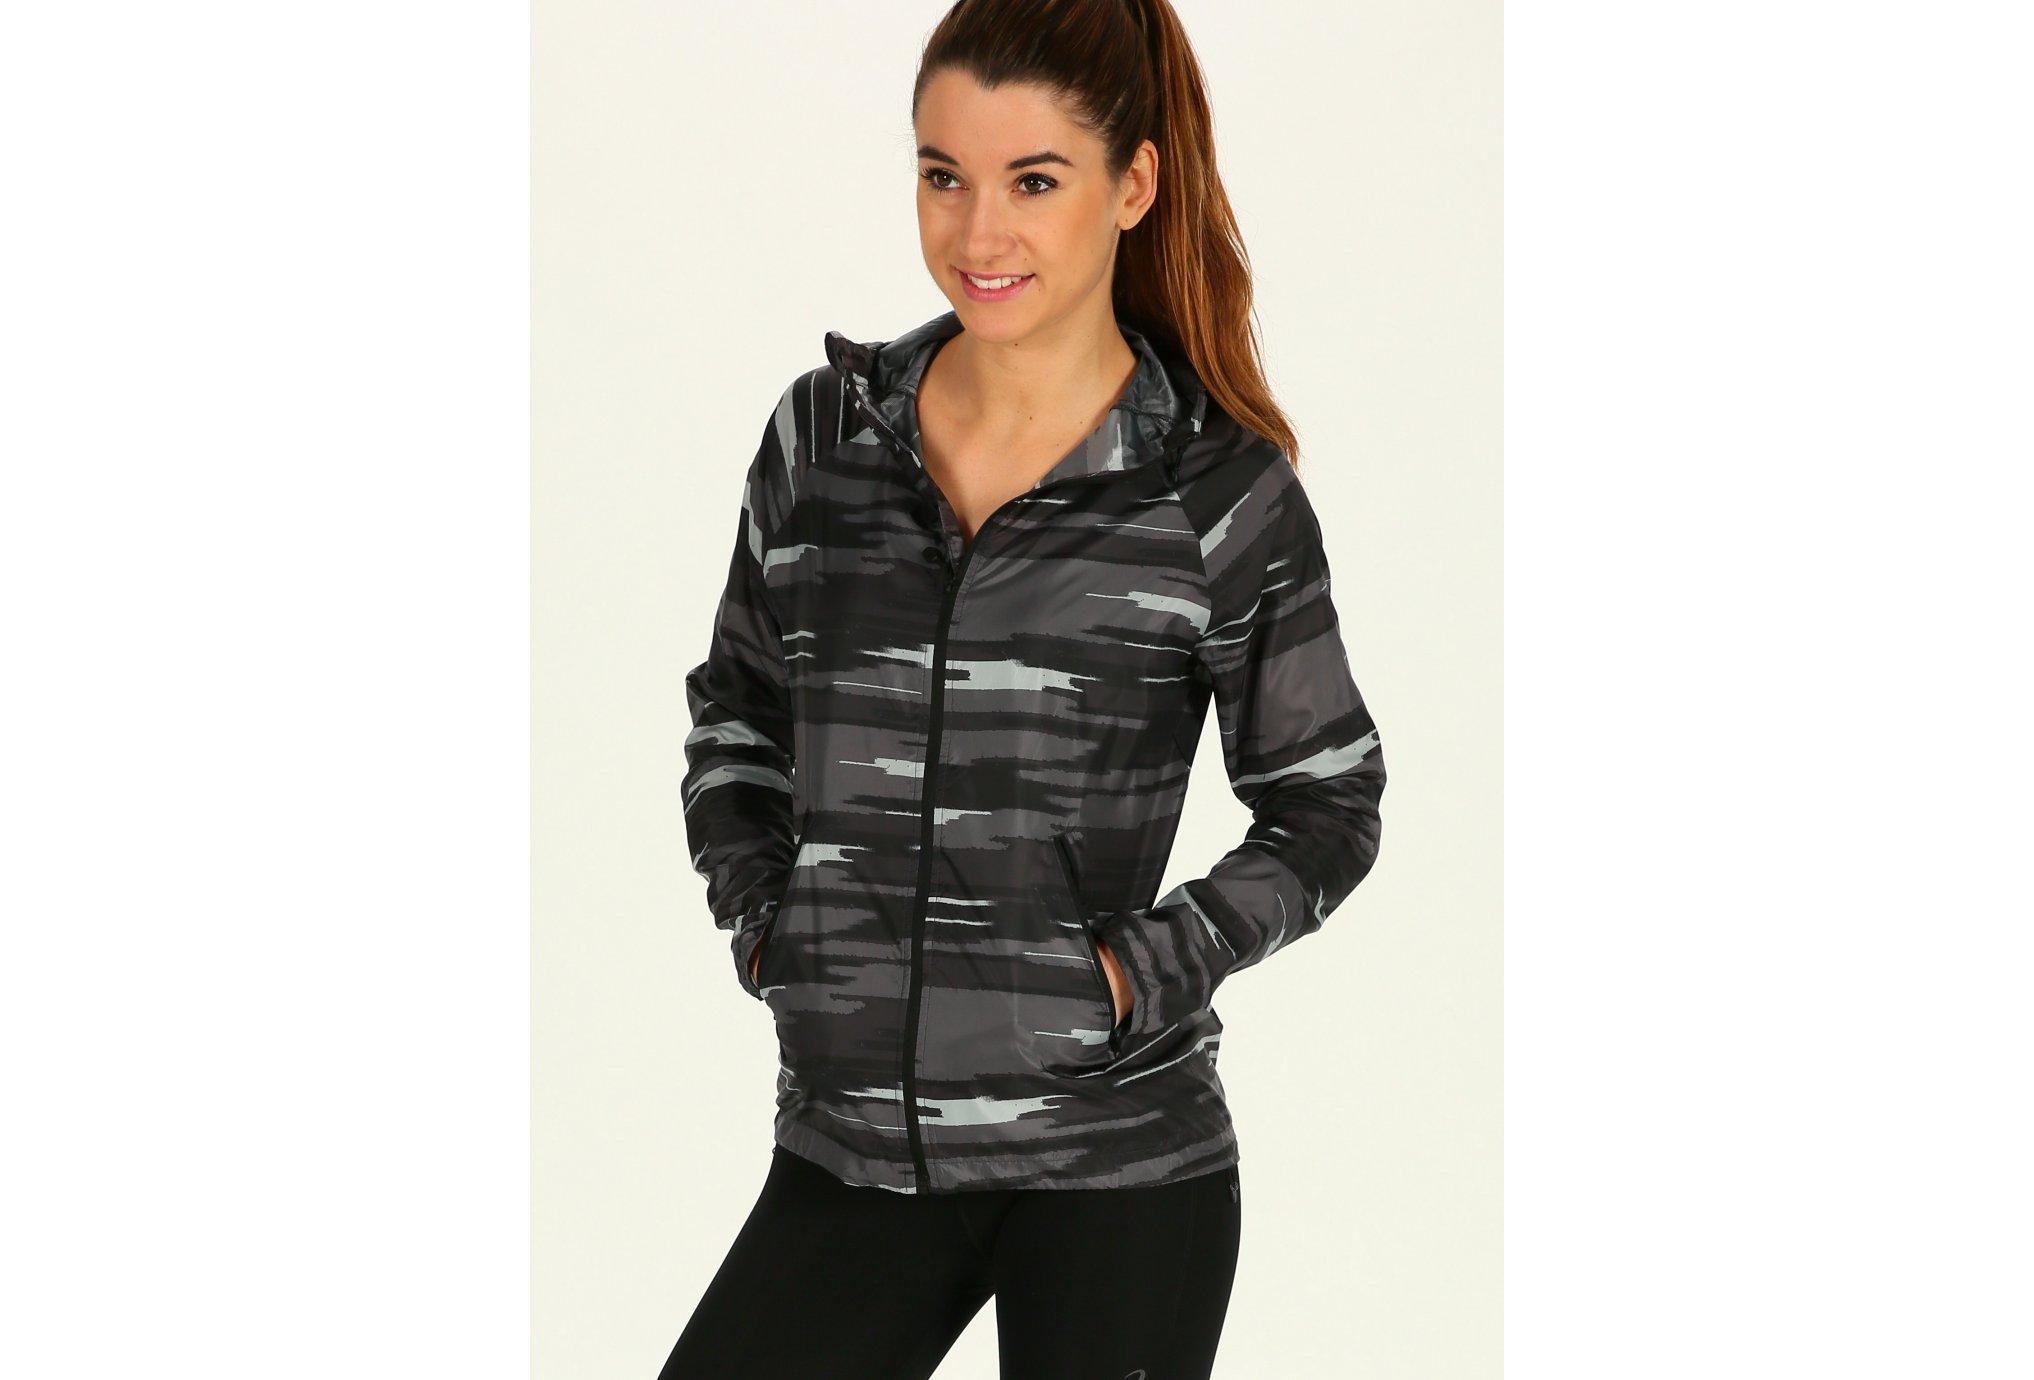 Asics FuzeX Packable JKT W vêtement running femme